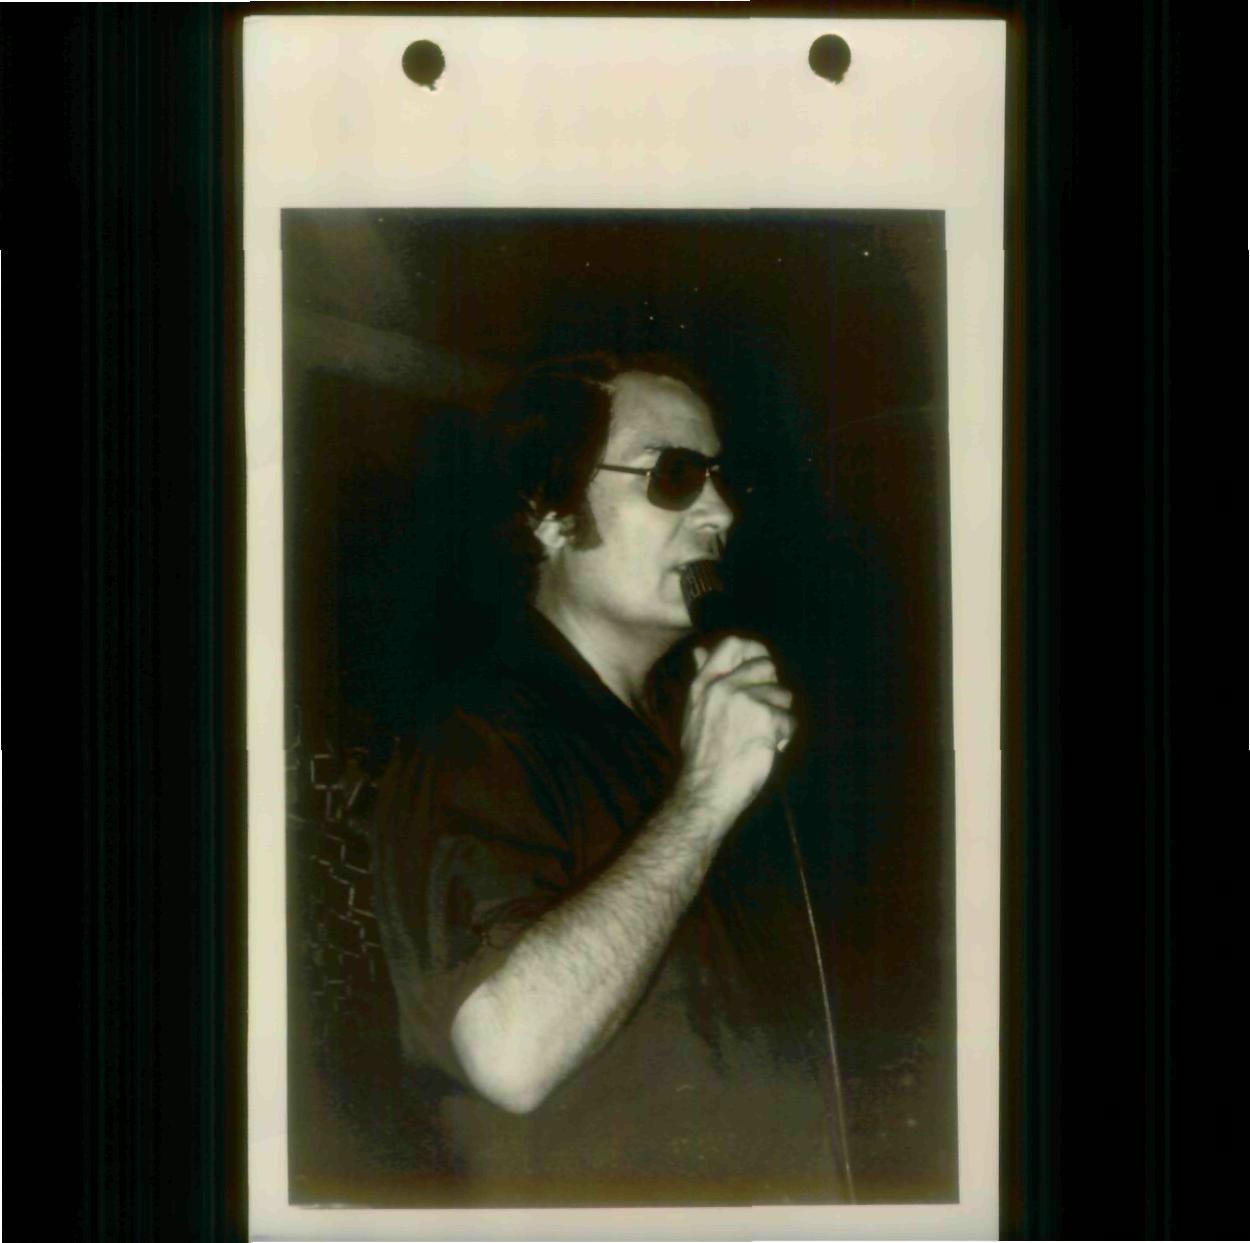 Jim Jones speaking to Peoples Temple in 1978. Photo courtesy of Laura Johnston Kohl via Peoples Temple/Jonestown Gallery (Flickr)